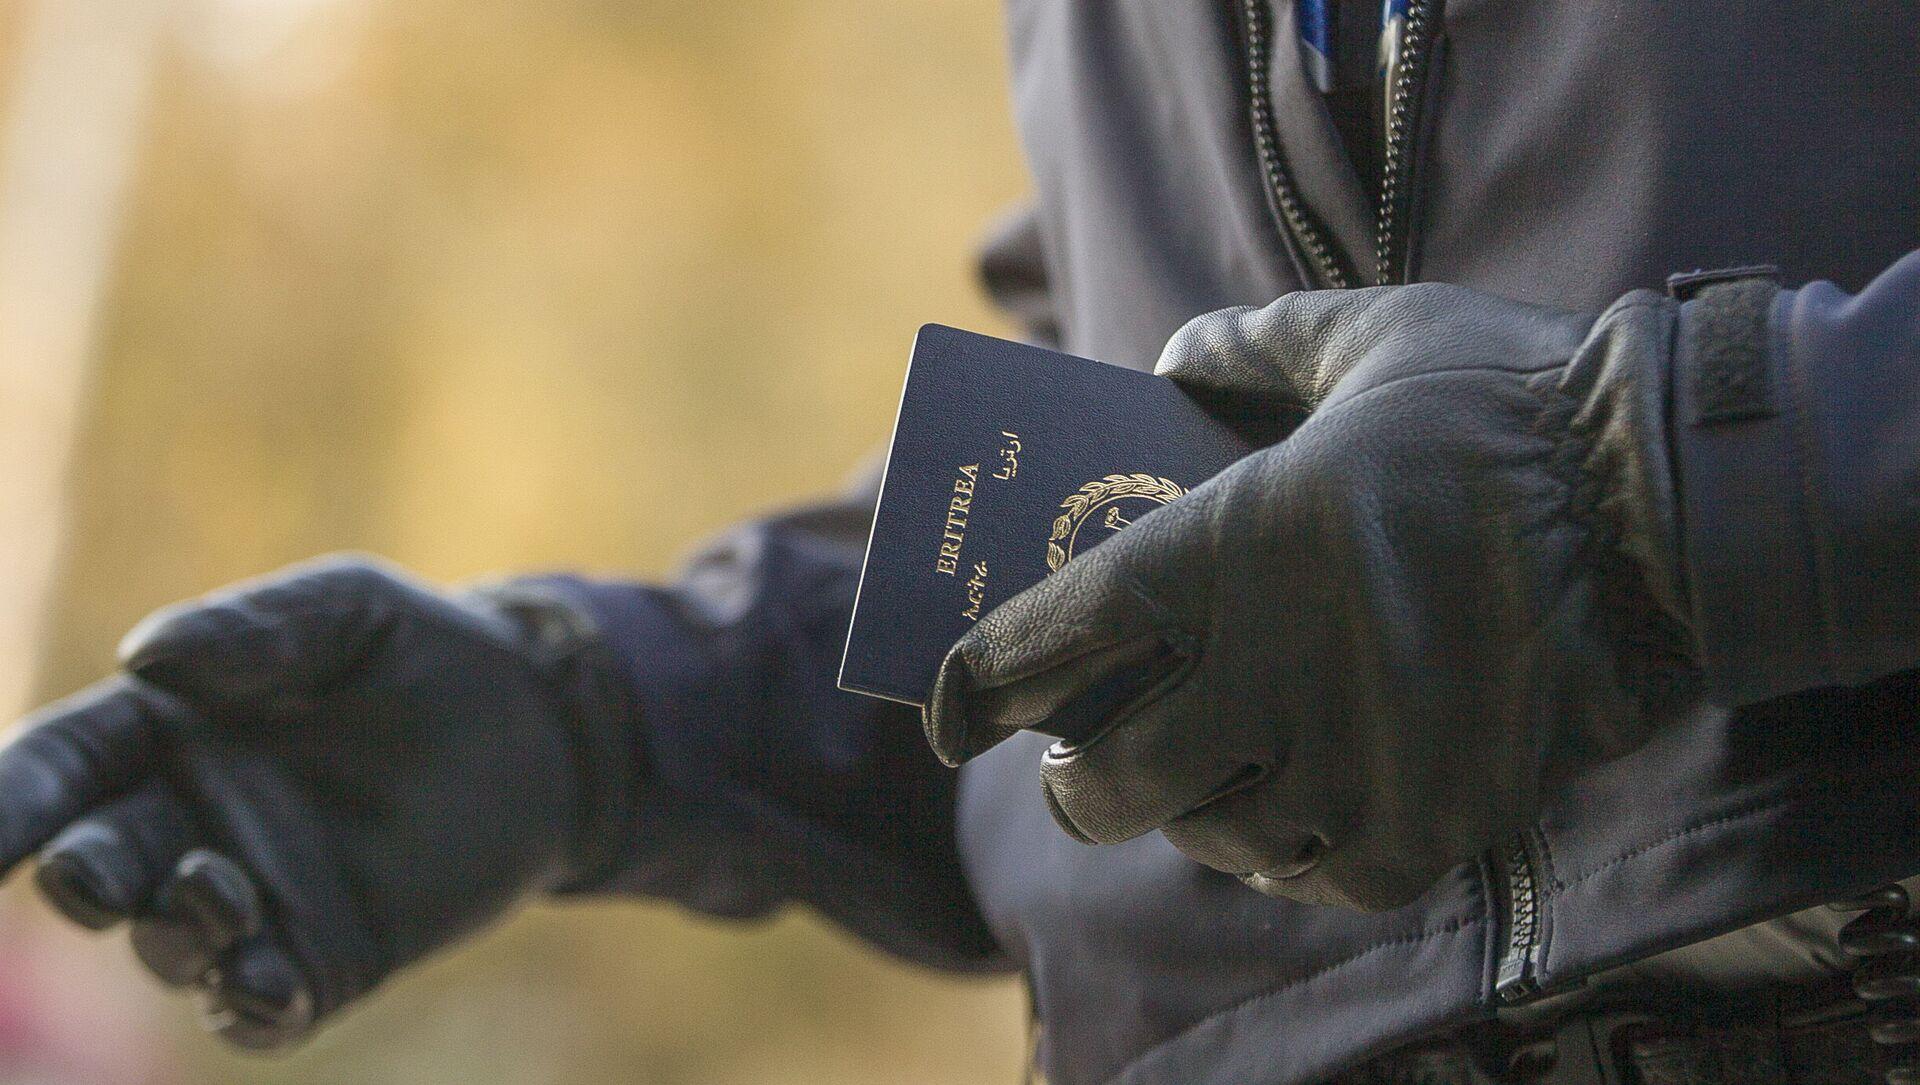 Un officier de la police aux frontières tient le passeport d'une femme érythréenne après son passage illégal de la frontière américano-canadienne - Sputnik France, 1920, 08.04.2021